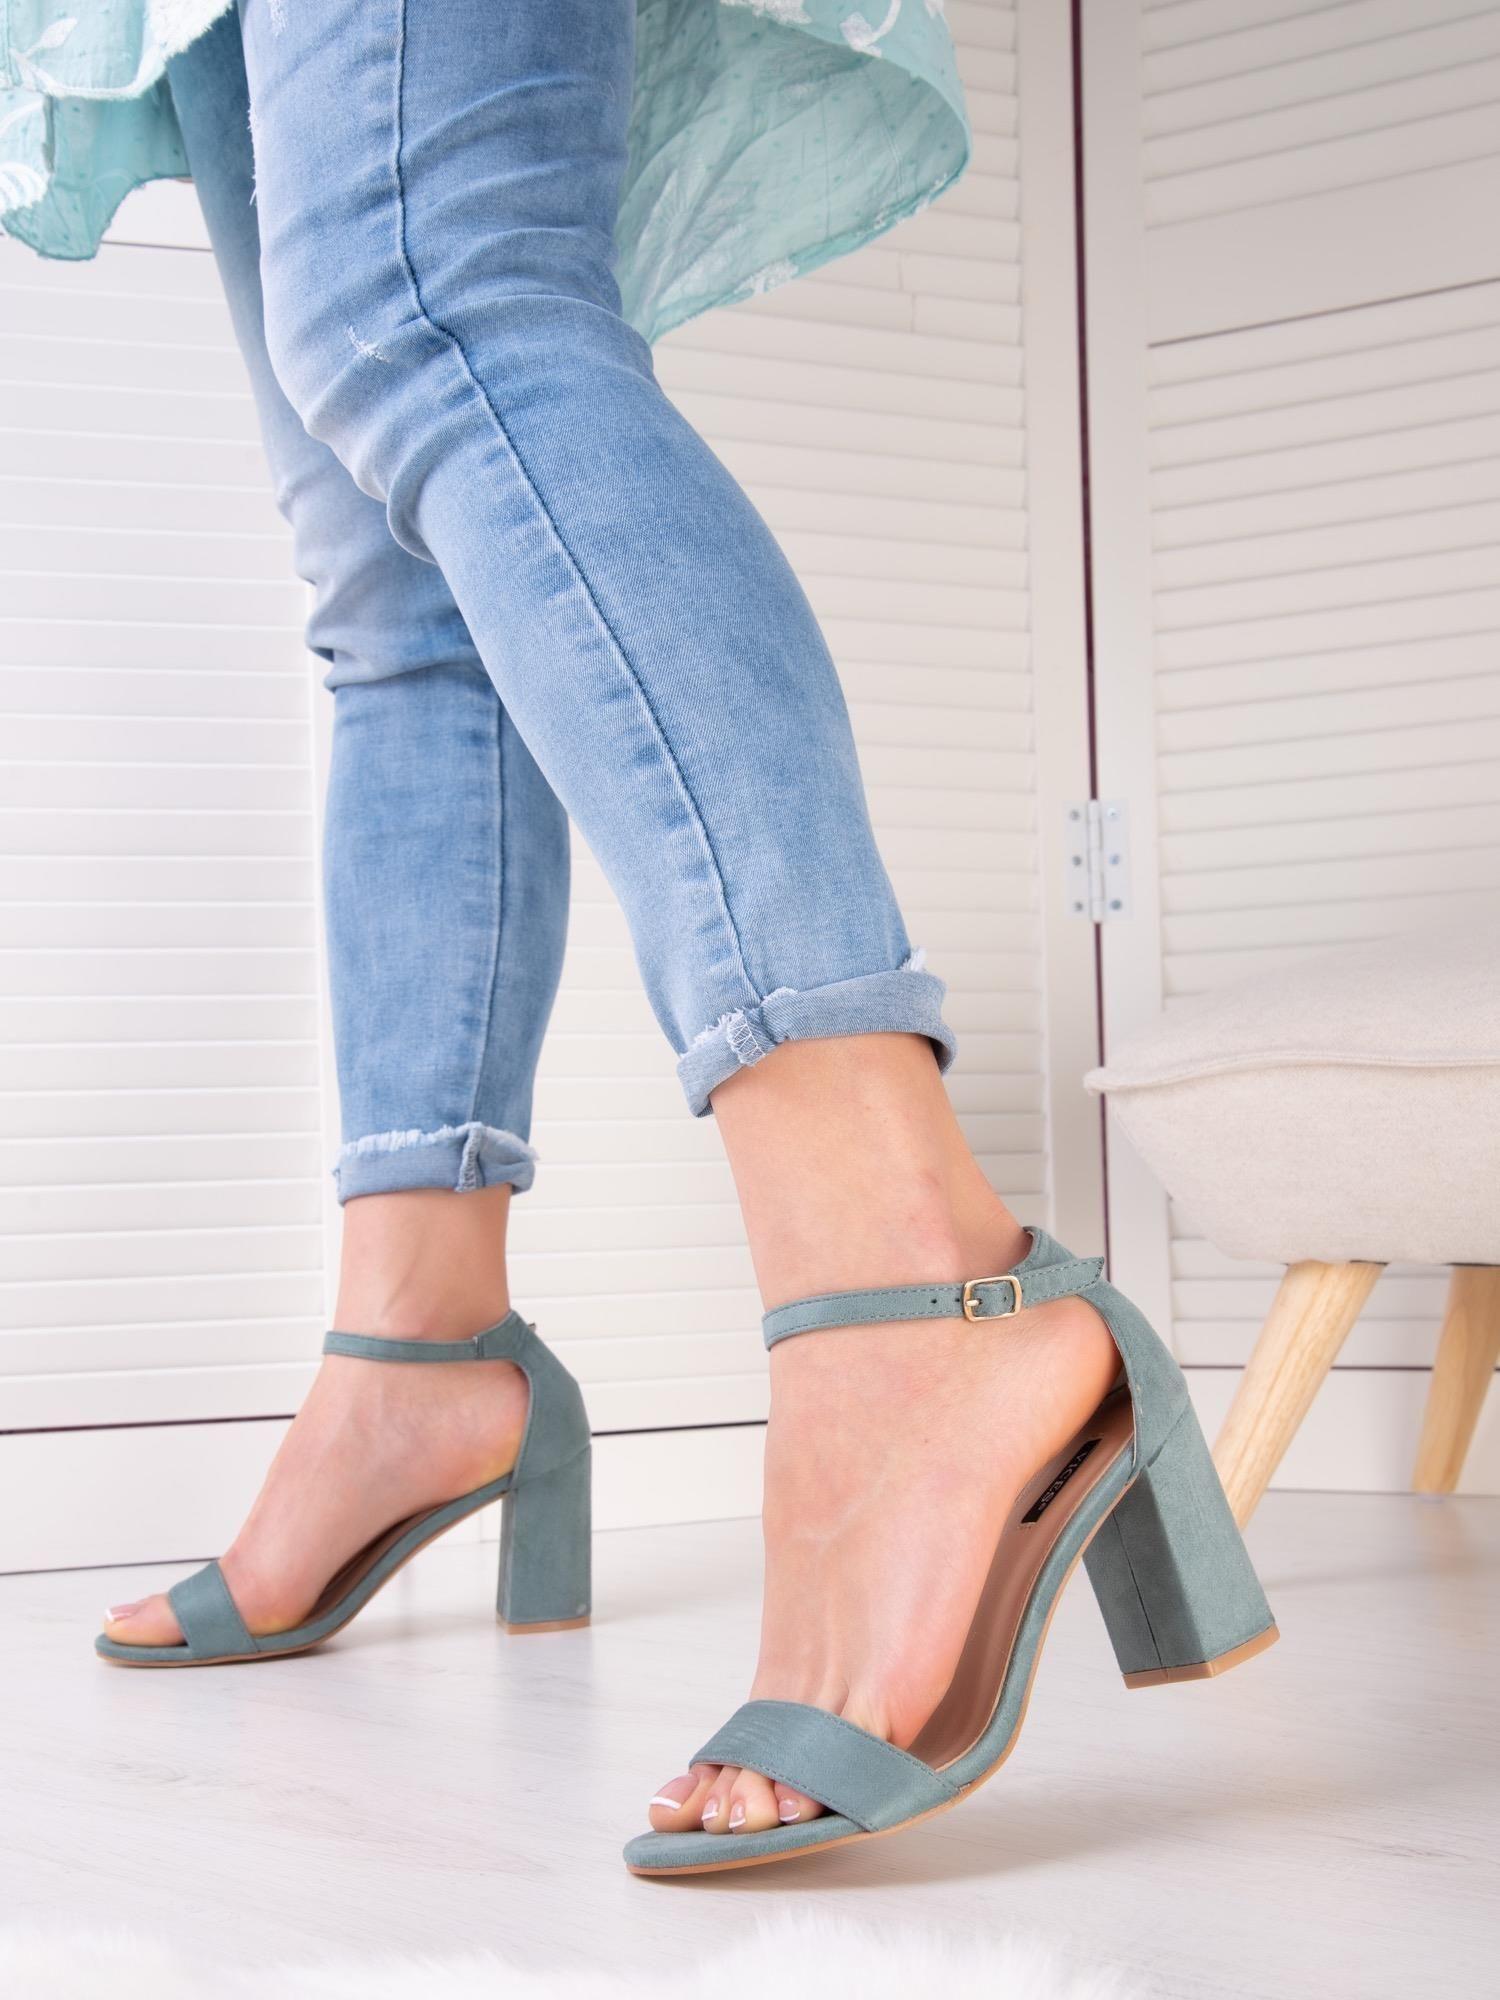 turkusowe sandały na średnim obcasie